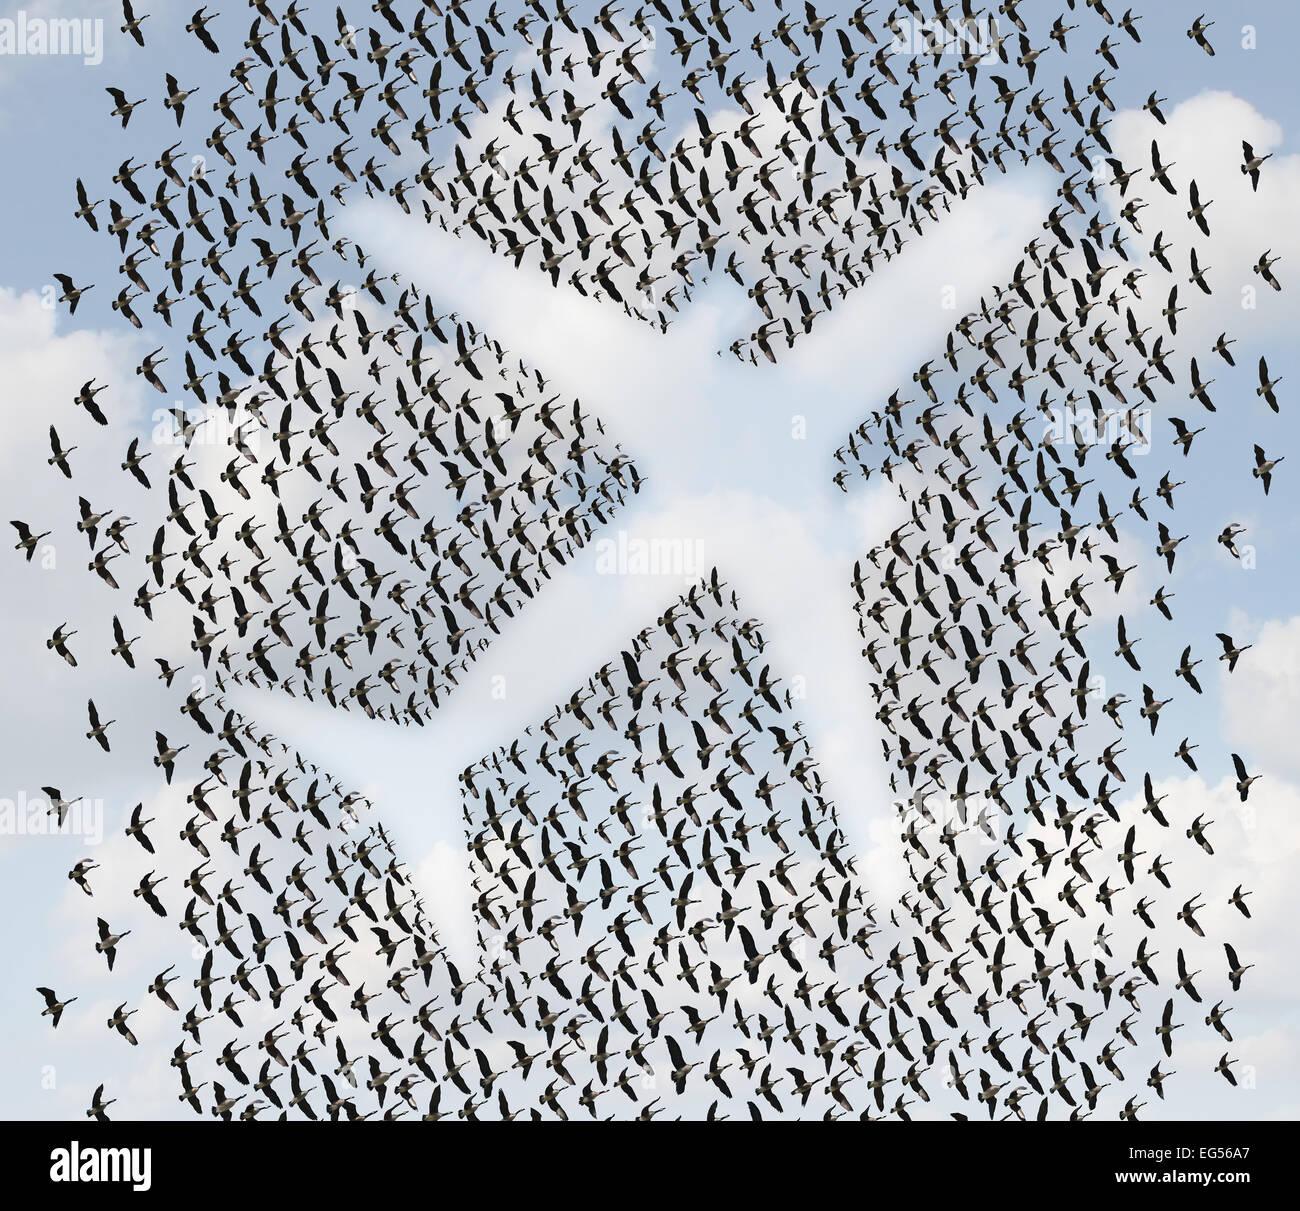 Flugreisen Konzept als eine Herde von fliegenden Vögel oder Gänse in der Form eines Passagierflugzeuges Stockbild